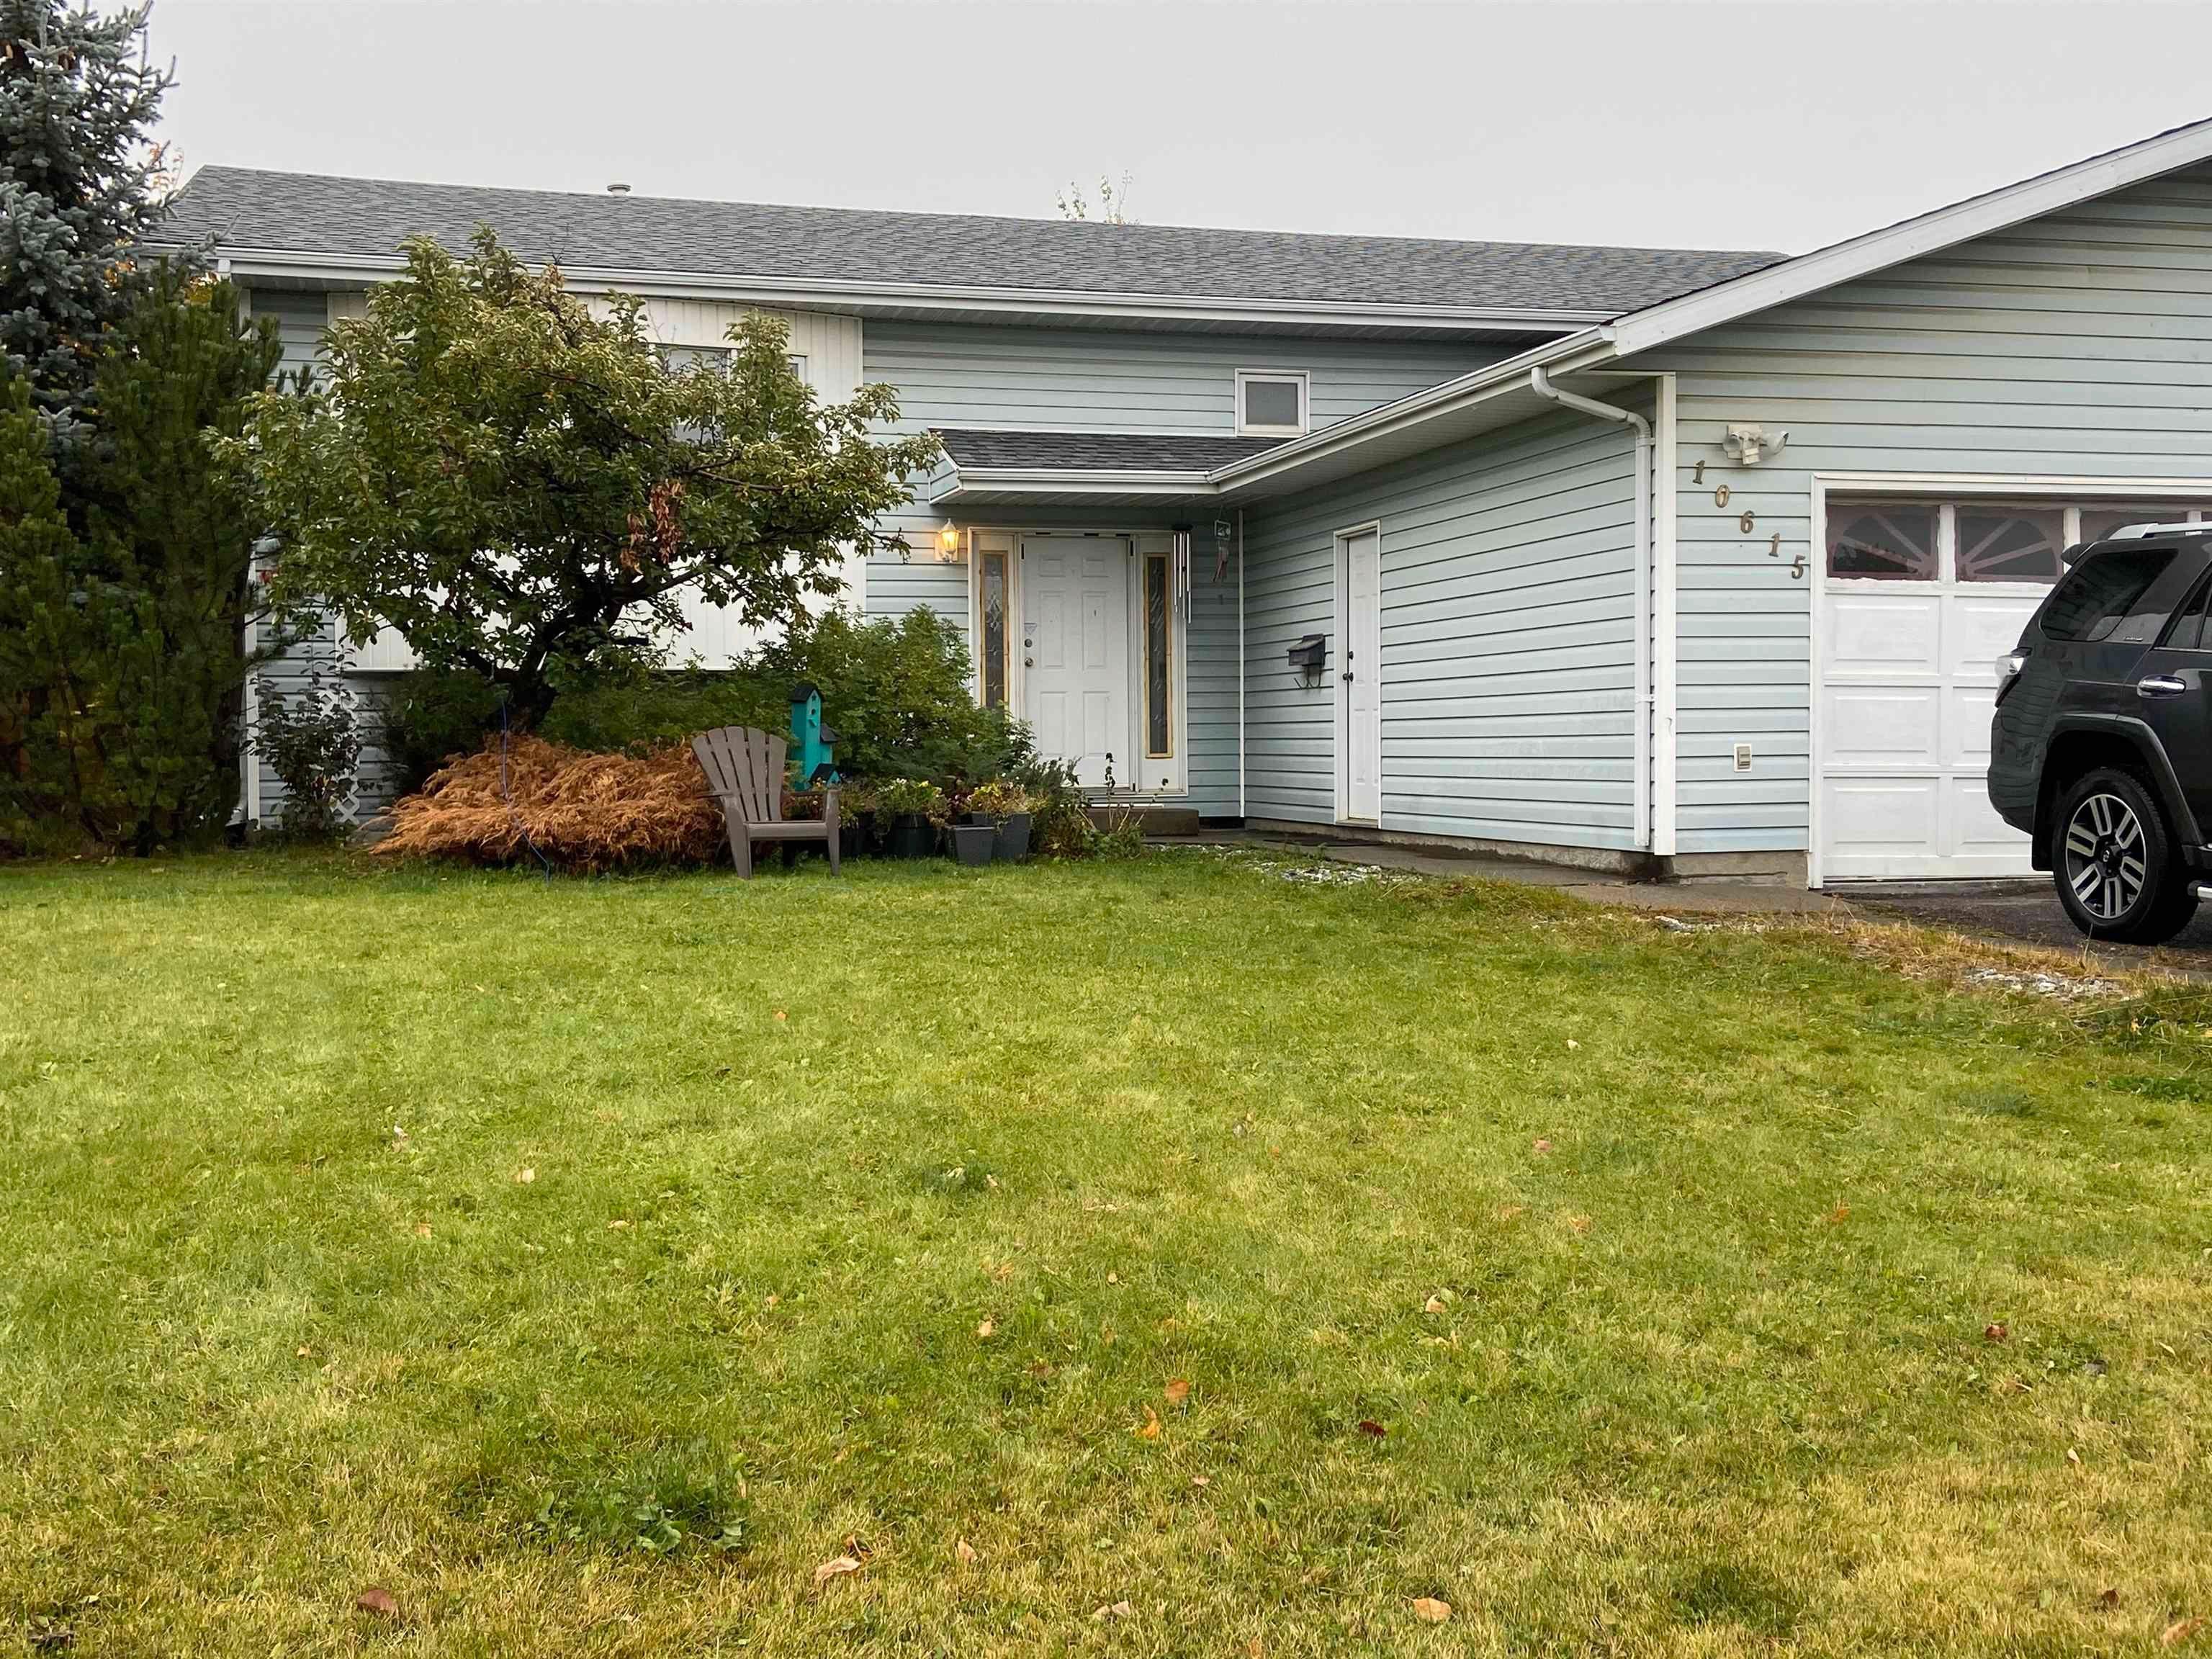 Main Photo: 10615 90 Street in Fort St. John: Fort St. John - City NE House for sale (Fort St. John (Zone 60))  : MLS®# R2621967